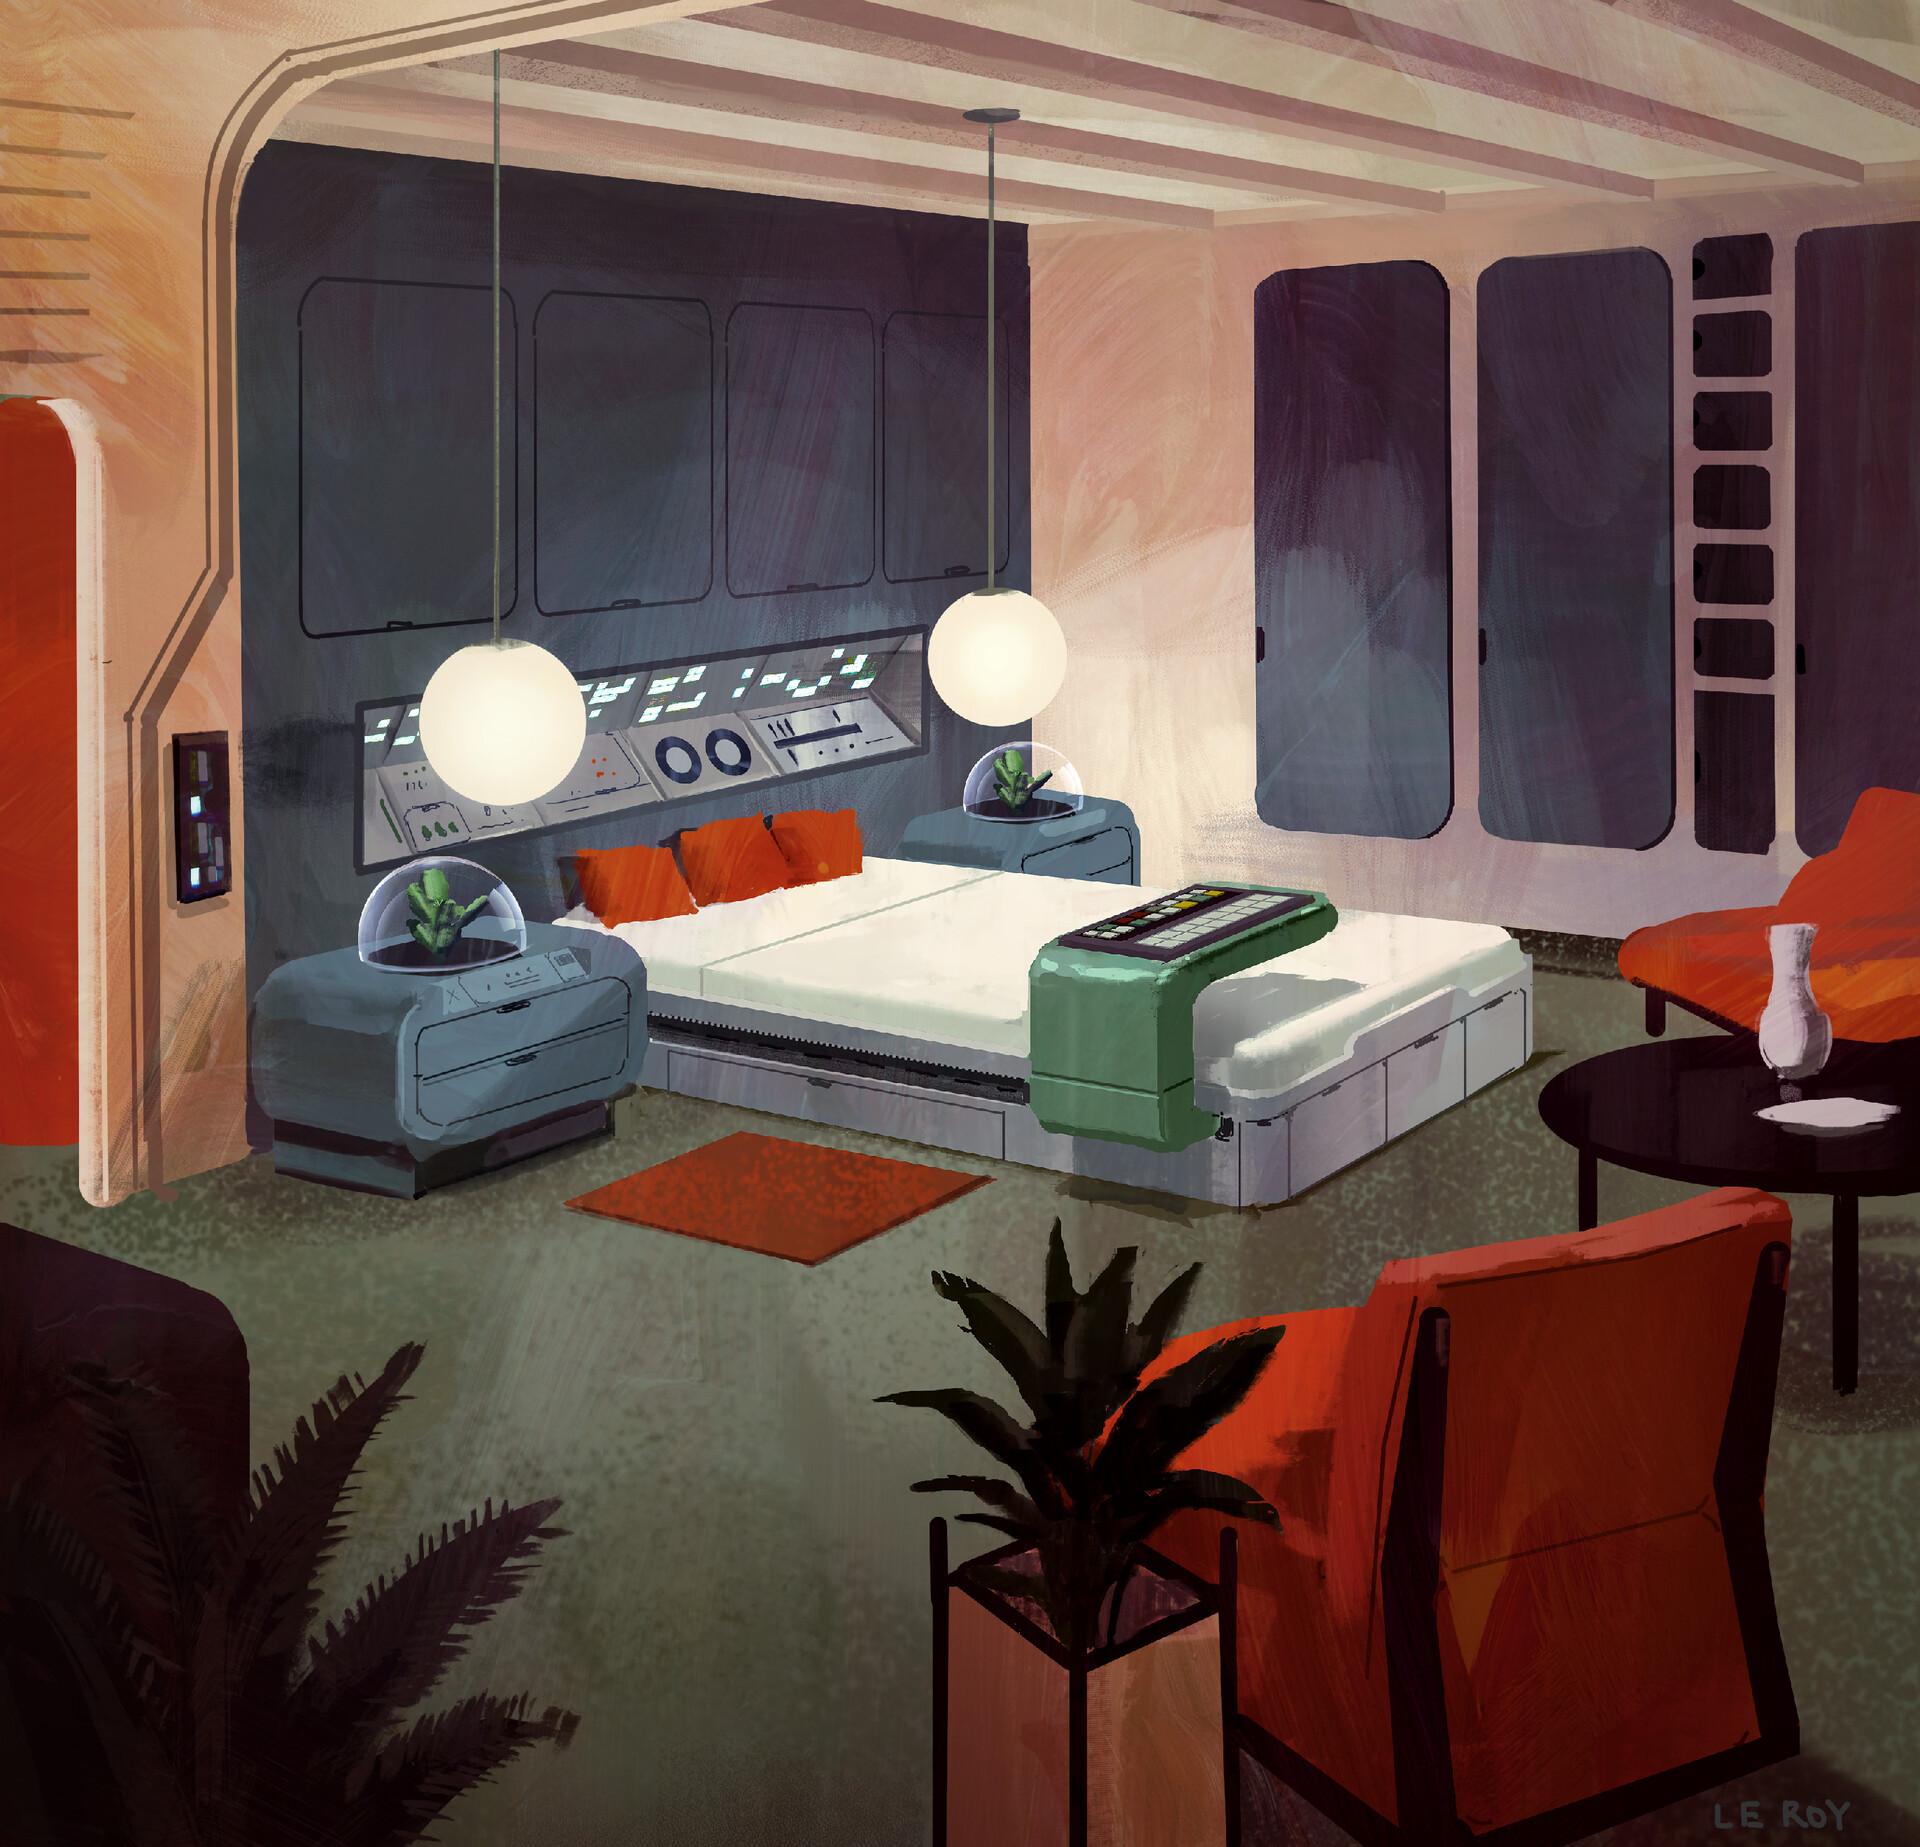 La galerie de loulou Louis-le-roy-v03-04